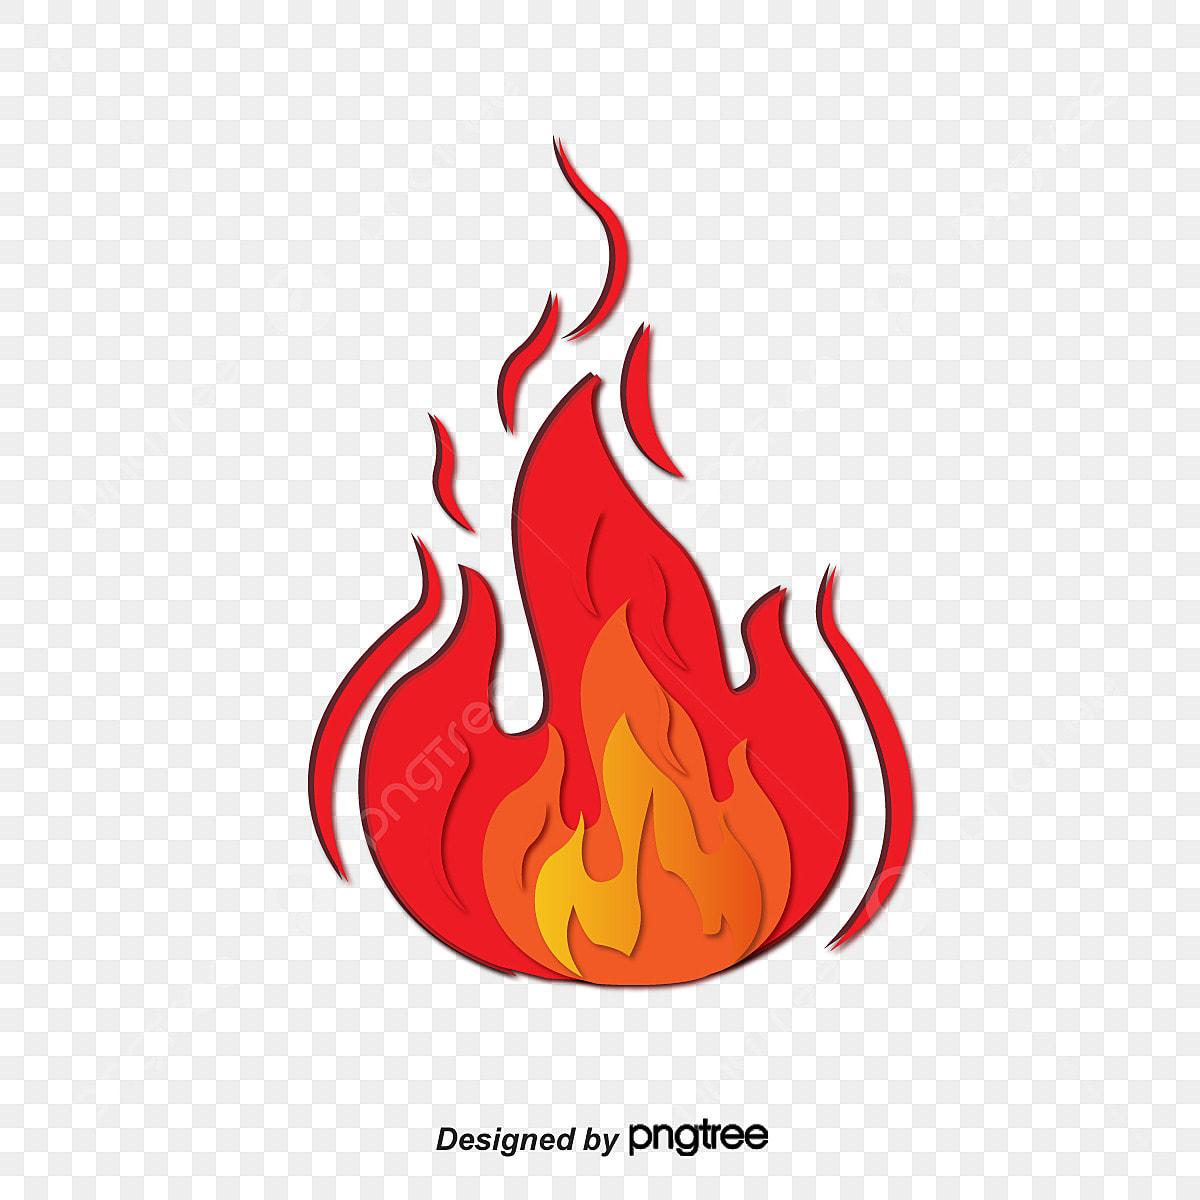 les flammes de dessins anim u00e9s flamme dessin rouge png et